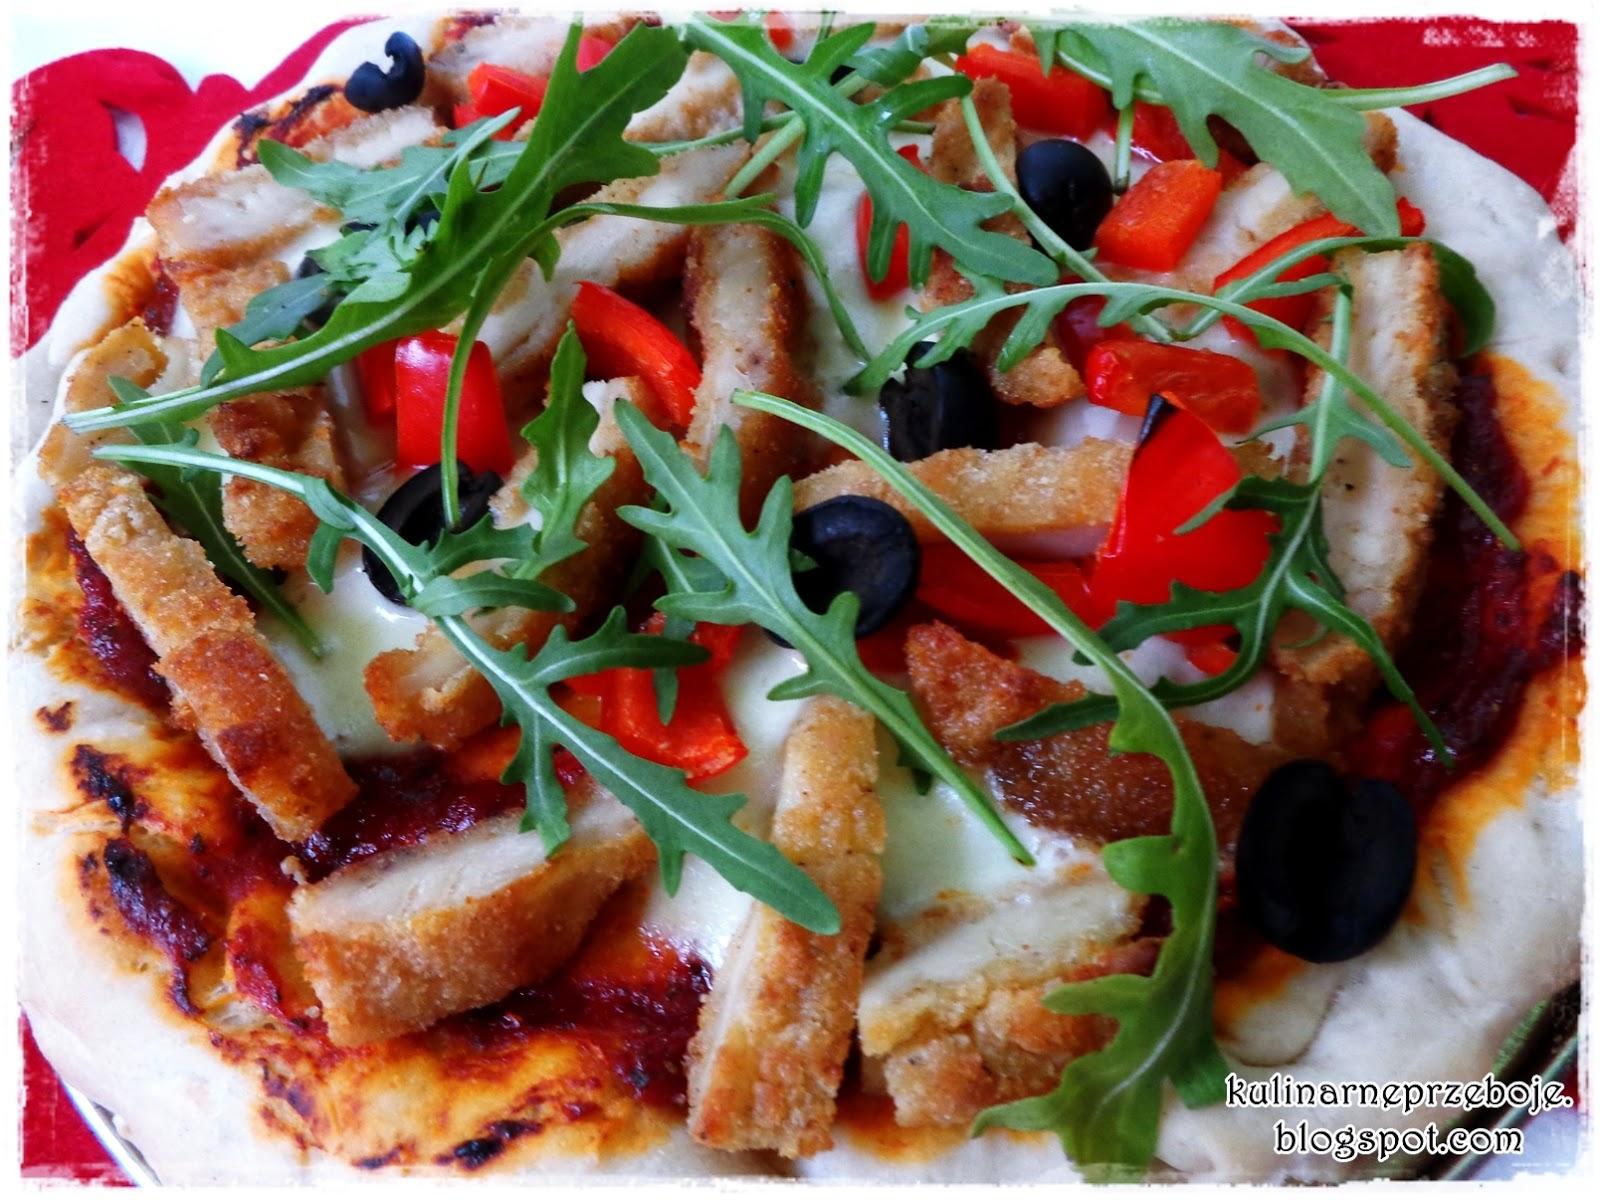 Domowa pizza z papryką, oliwkami, rukolą i kotletem z piersi kurczaka